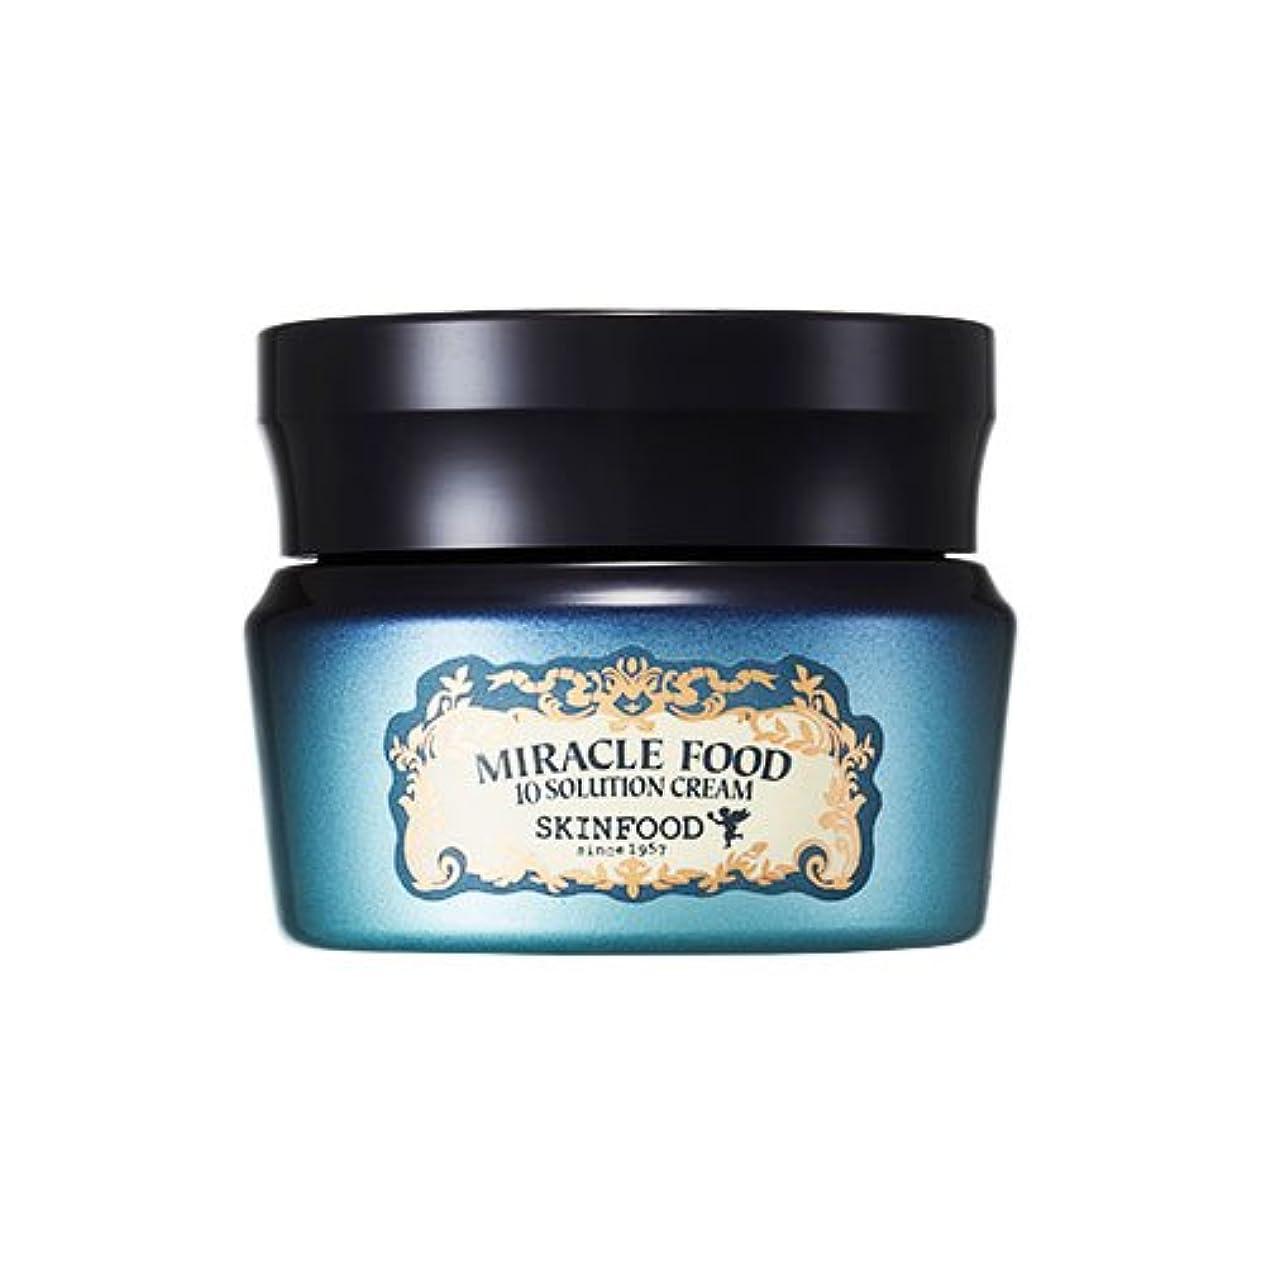 ボイド殺します告白するSkinfood ミラクルフード10ソリューションクリーム(美白効果としわ防止効果) / Miracle Food 10 Solution Cream (Skin-Brightening and Anti-Wrinkle...